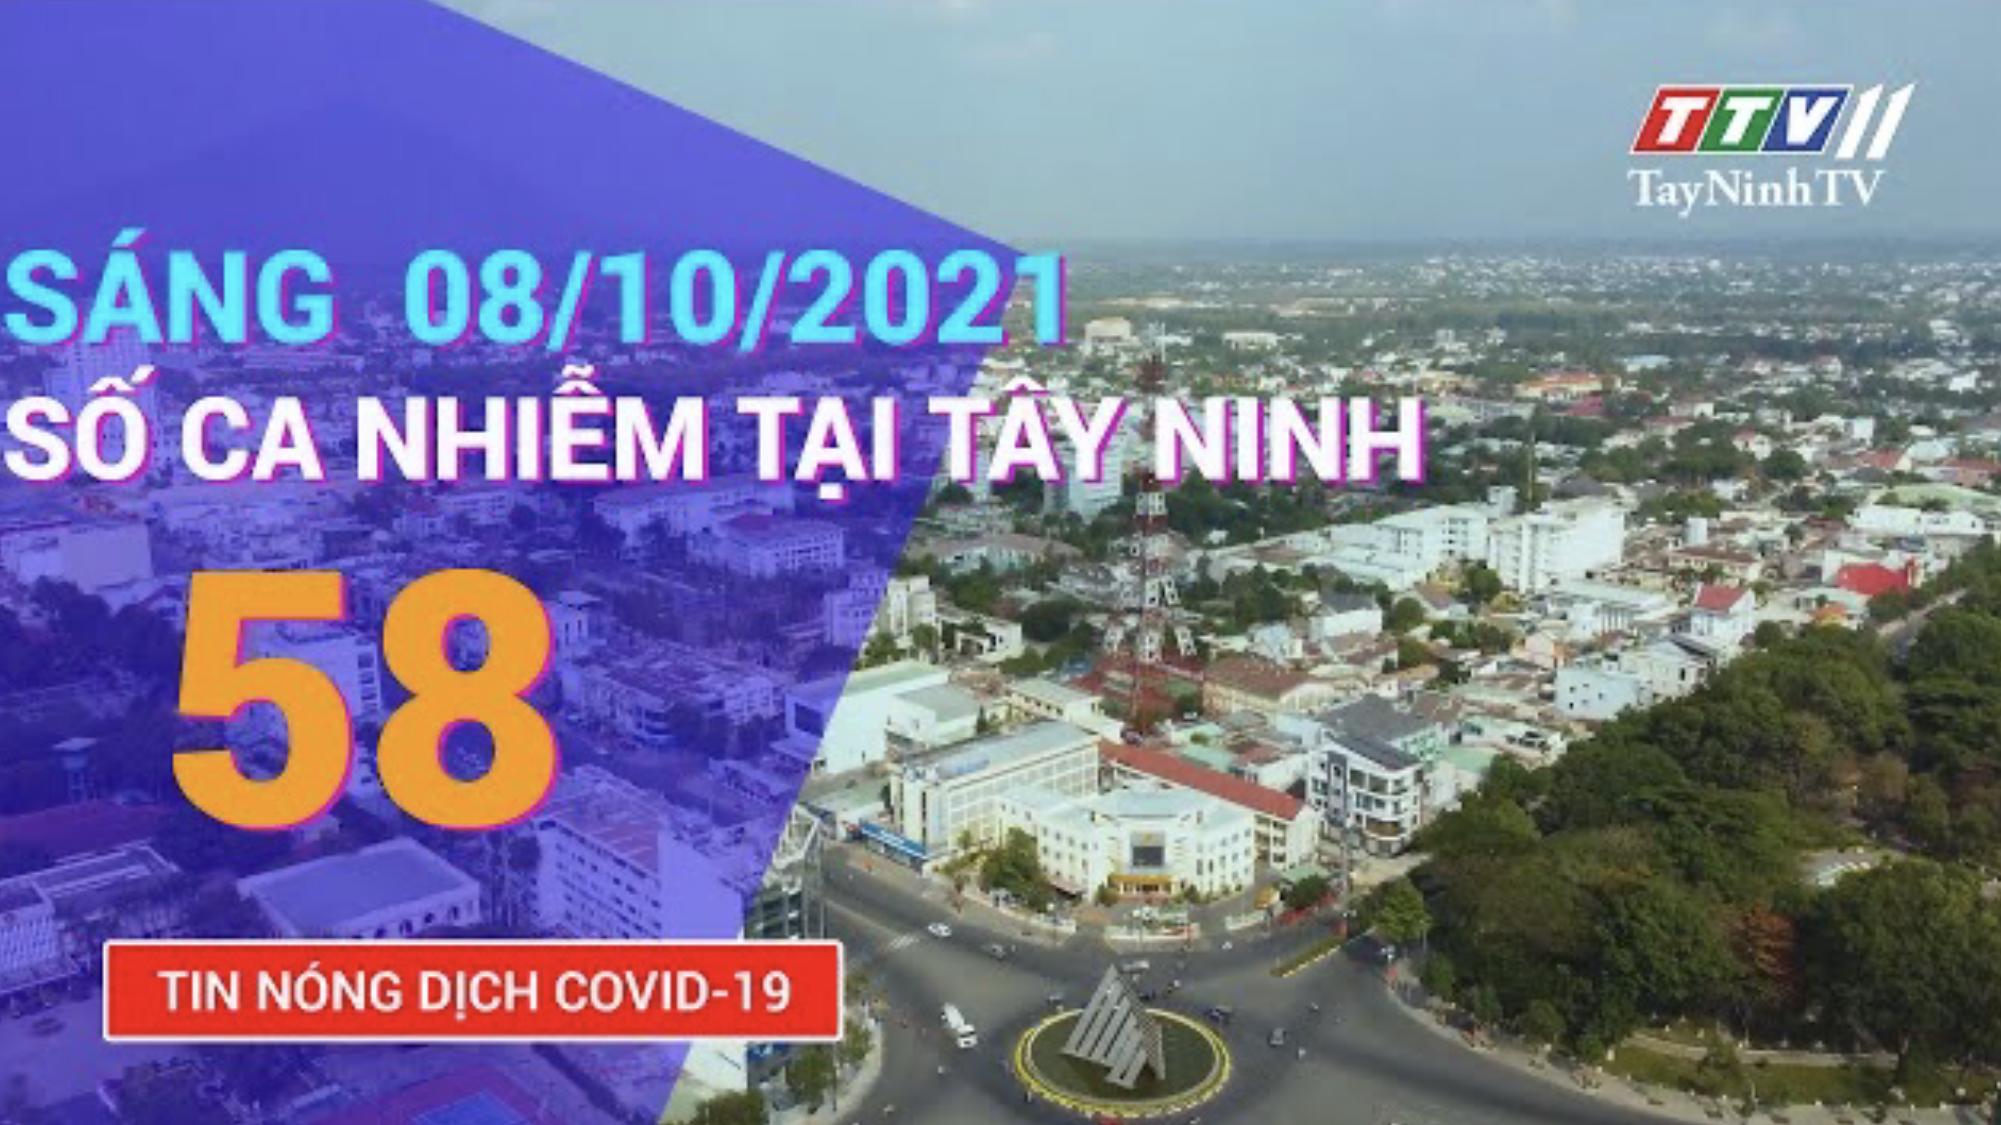 TIN TỨC COVID-19 SÁNG NGÀY 08/10/2021 | Tin tức hôm nay | TayNinhTV